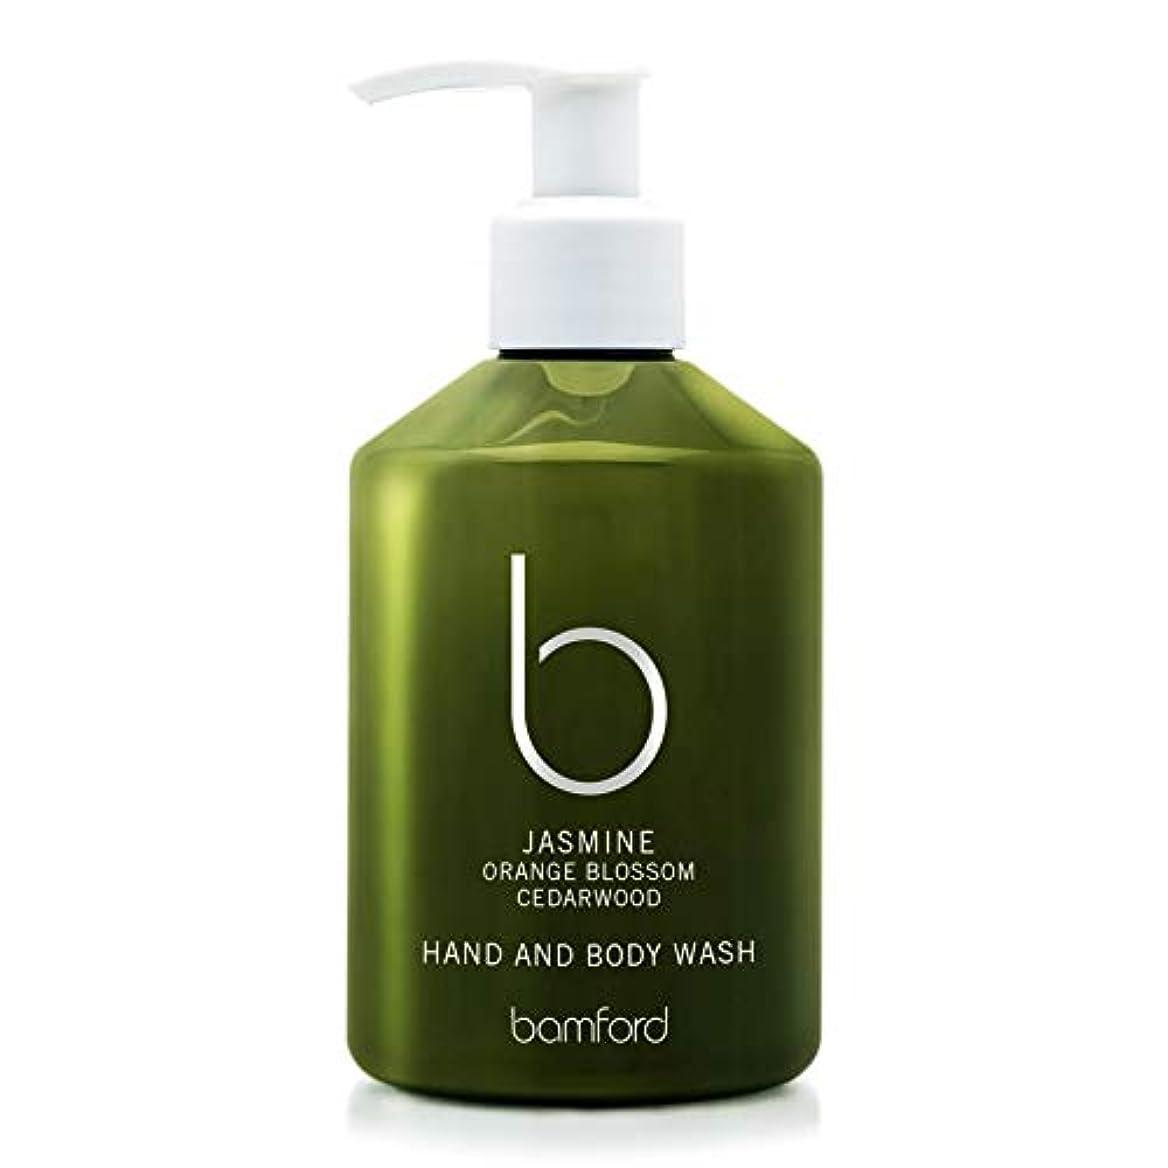 サークルジョブアクセス[Bamford ] バンフォードジャスミンの手とボディウォッシュ250ミリリットル - Bamford Jasmine Hand and Body Wash 250ml [並行輸入品]